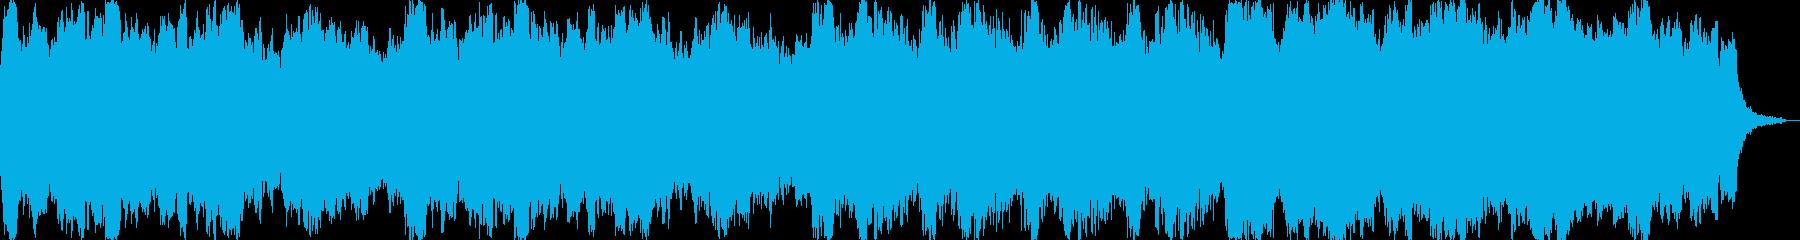 謎が深まる楽曲の再生済みの波形